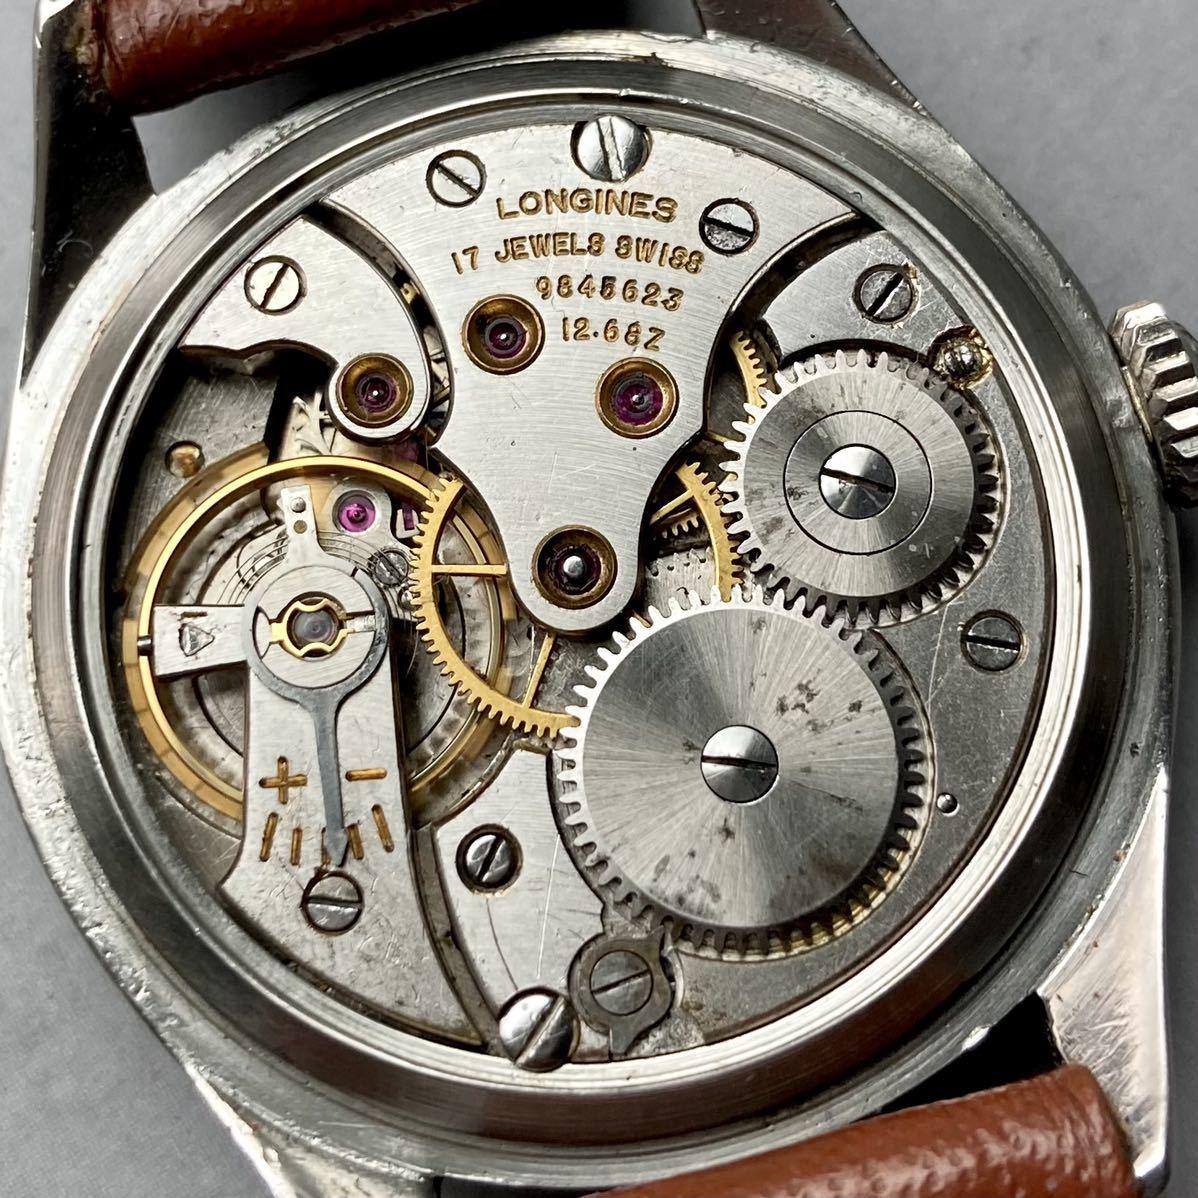 動作良好★ロンジン アンティーク 腕時計 1950年代 メンズ 手巻き cal.12.68Z ケース径33㎜ LONGINES ビンテージ ウォッチ 男性 スイス_画像8